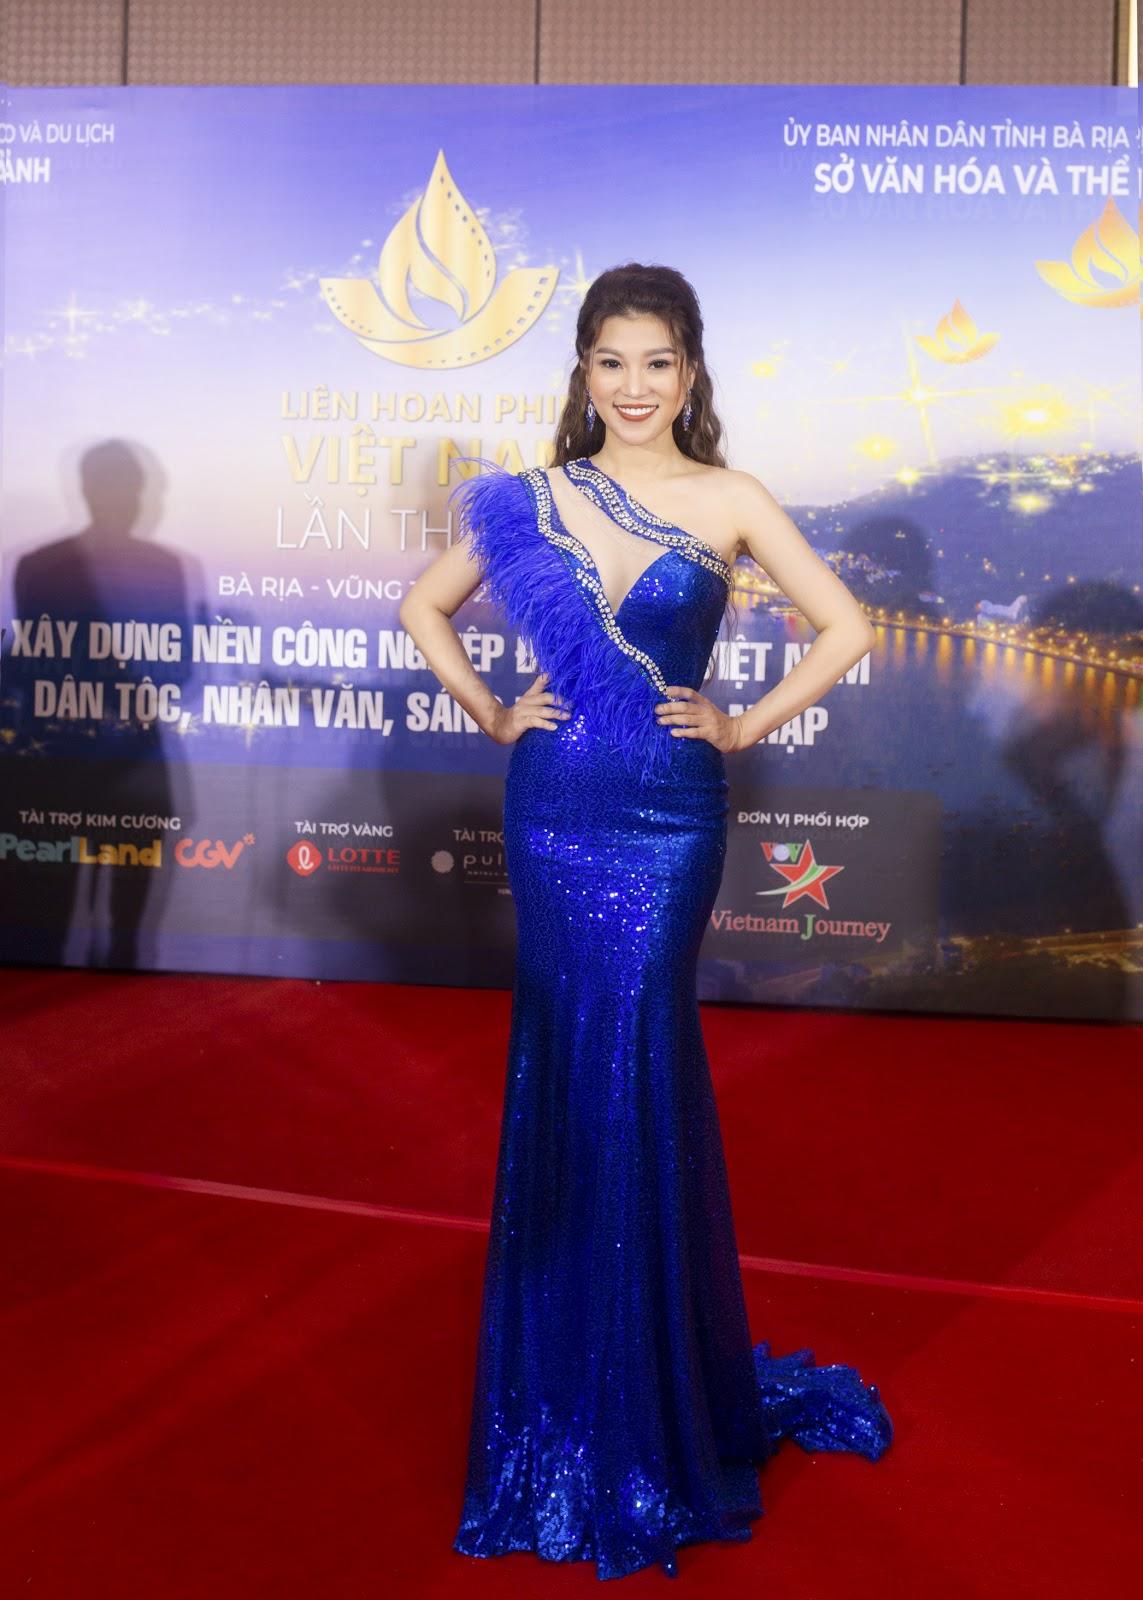 Trương Bảo Như hồi hộp khi lần đầu làm MC chương trình mang tầm cỡ quốc gia - Hình 1